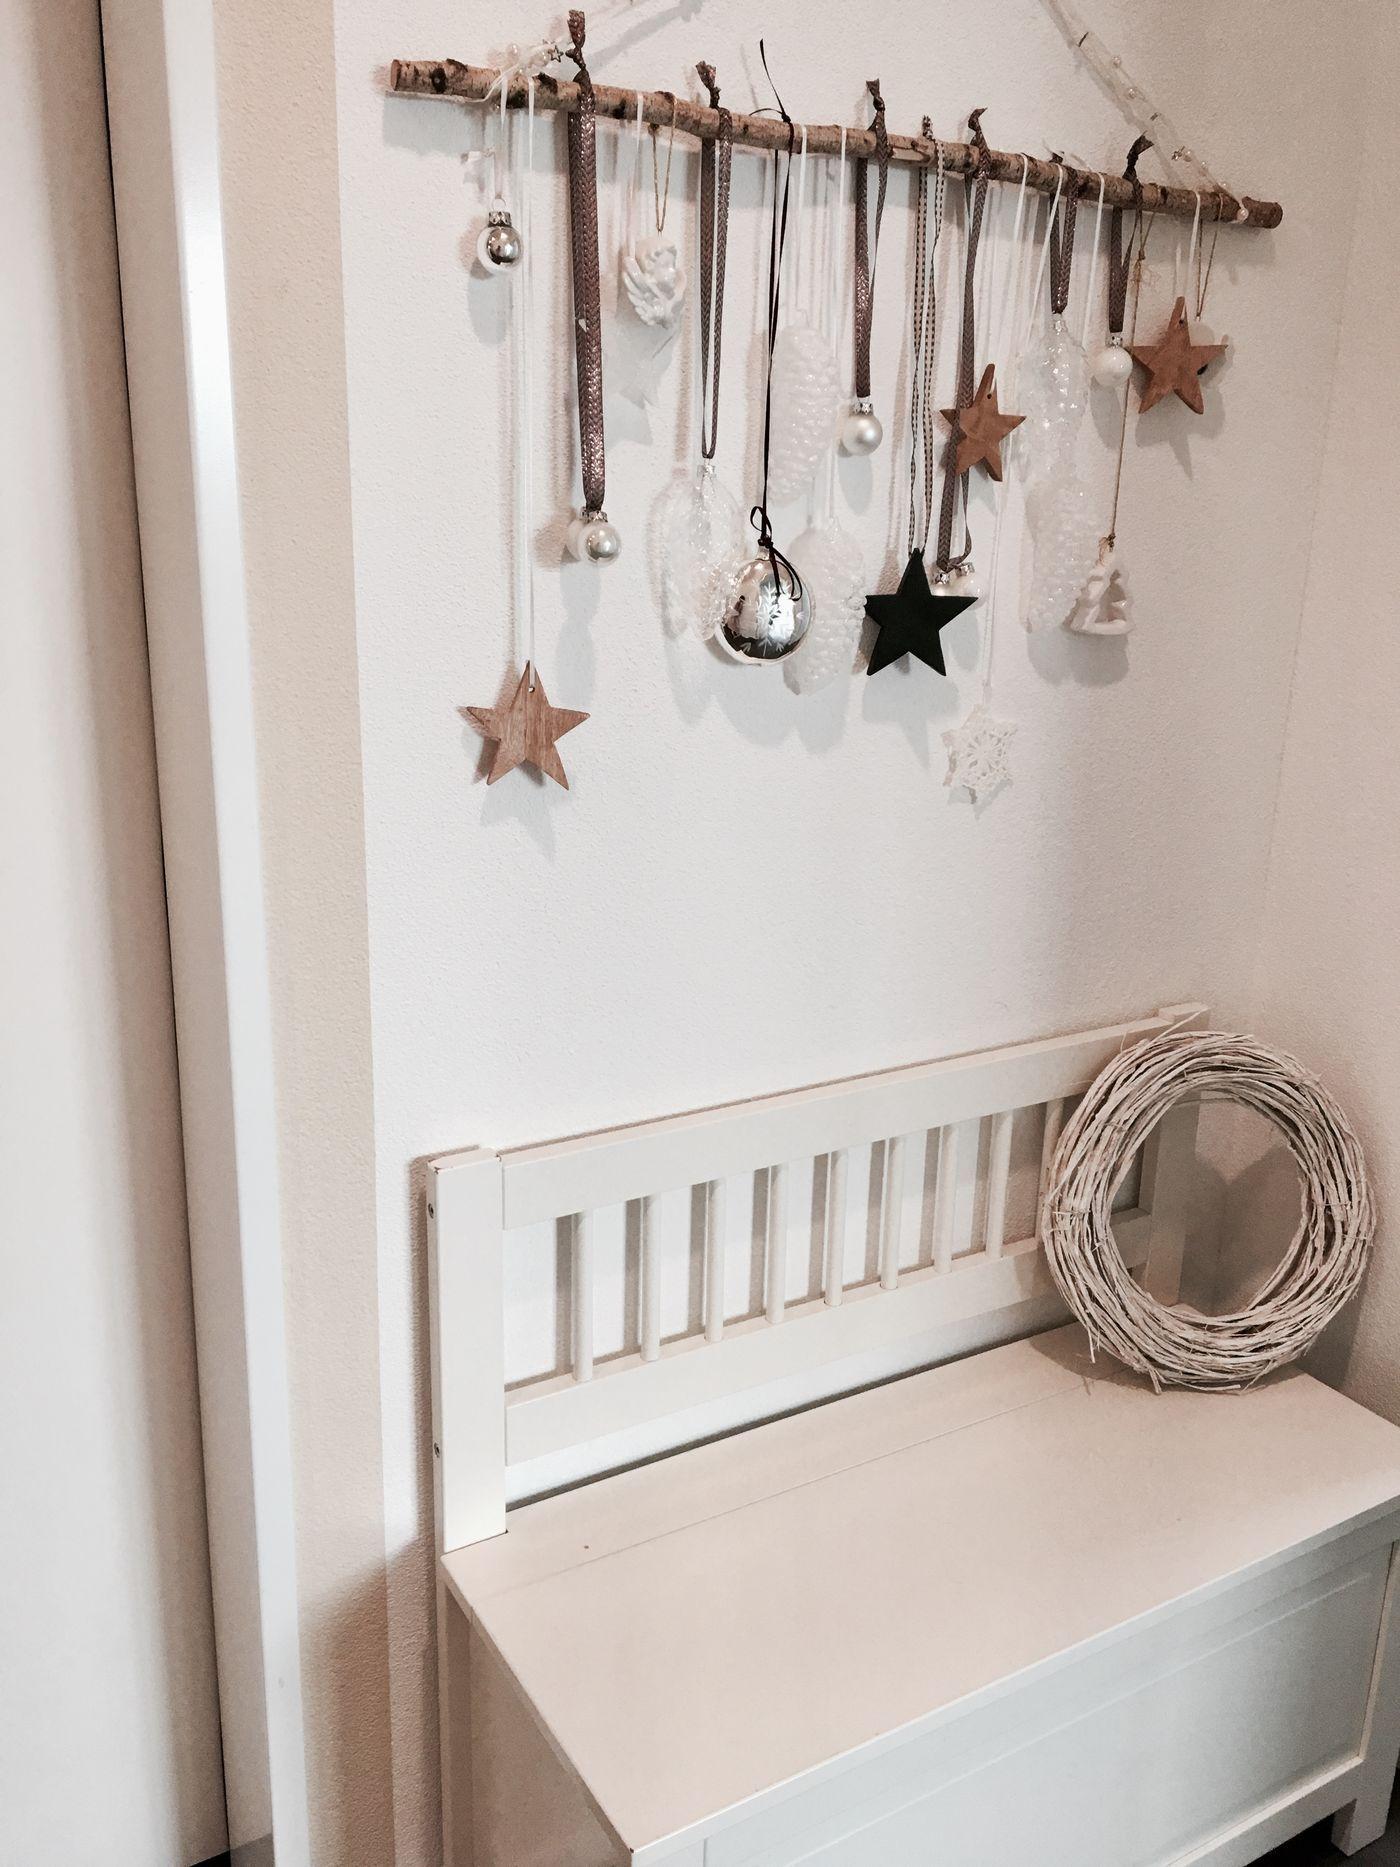 christbaumschmuck basteln ideen bilder seite 3. Black Bedroom Furniture Sets. Home Design Ideas